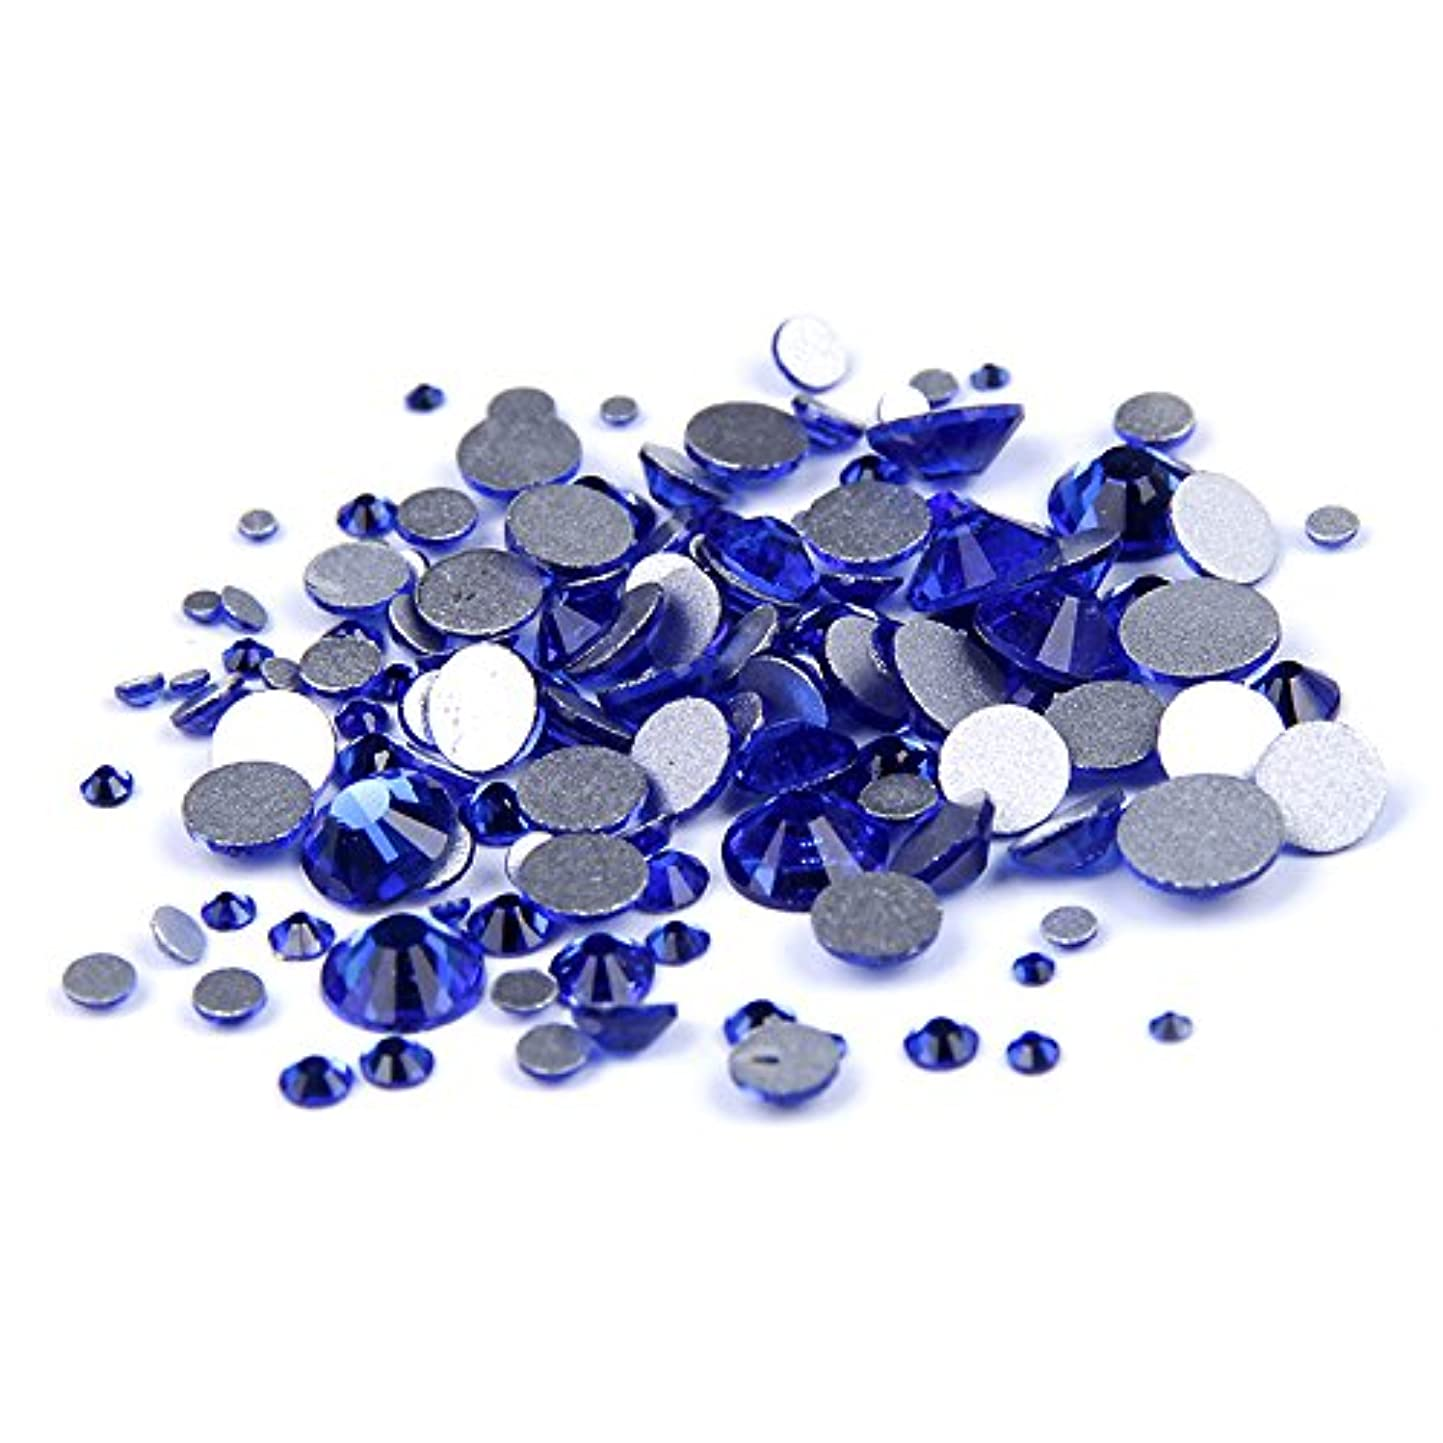 用心不正皿Nizi ジュエリー ブランド カップリブルー ラインストーン は ガラスの材質 ネイル使用 型番ss3-ss34 (混合サイズ 1000pcs)